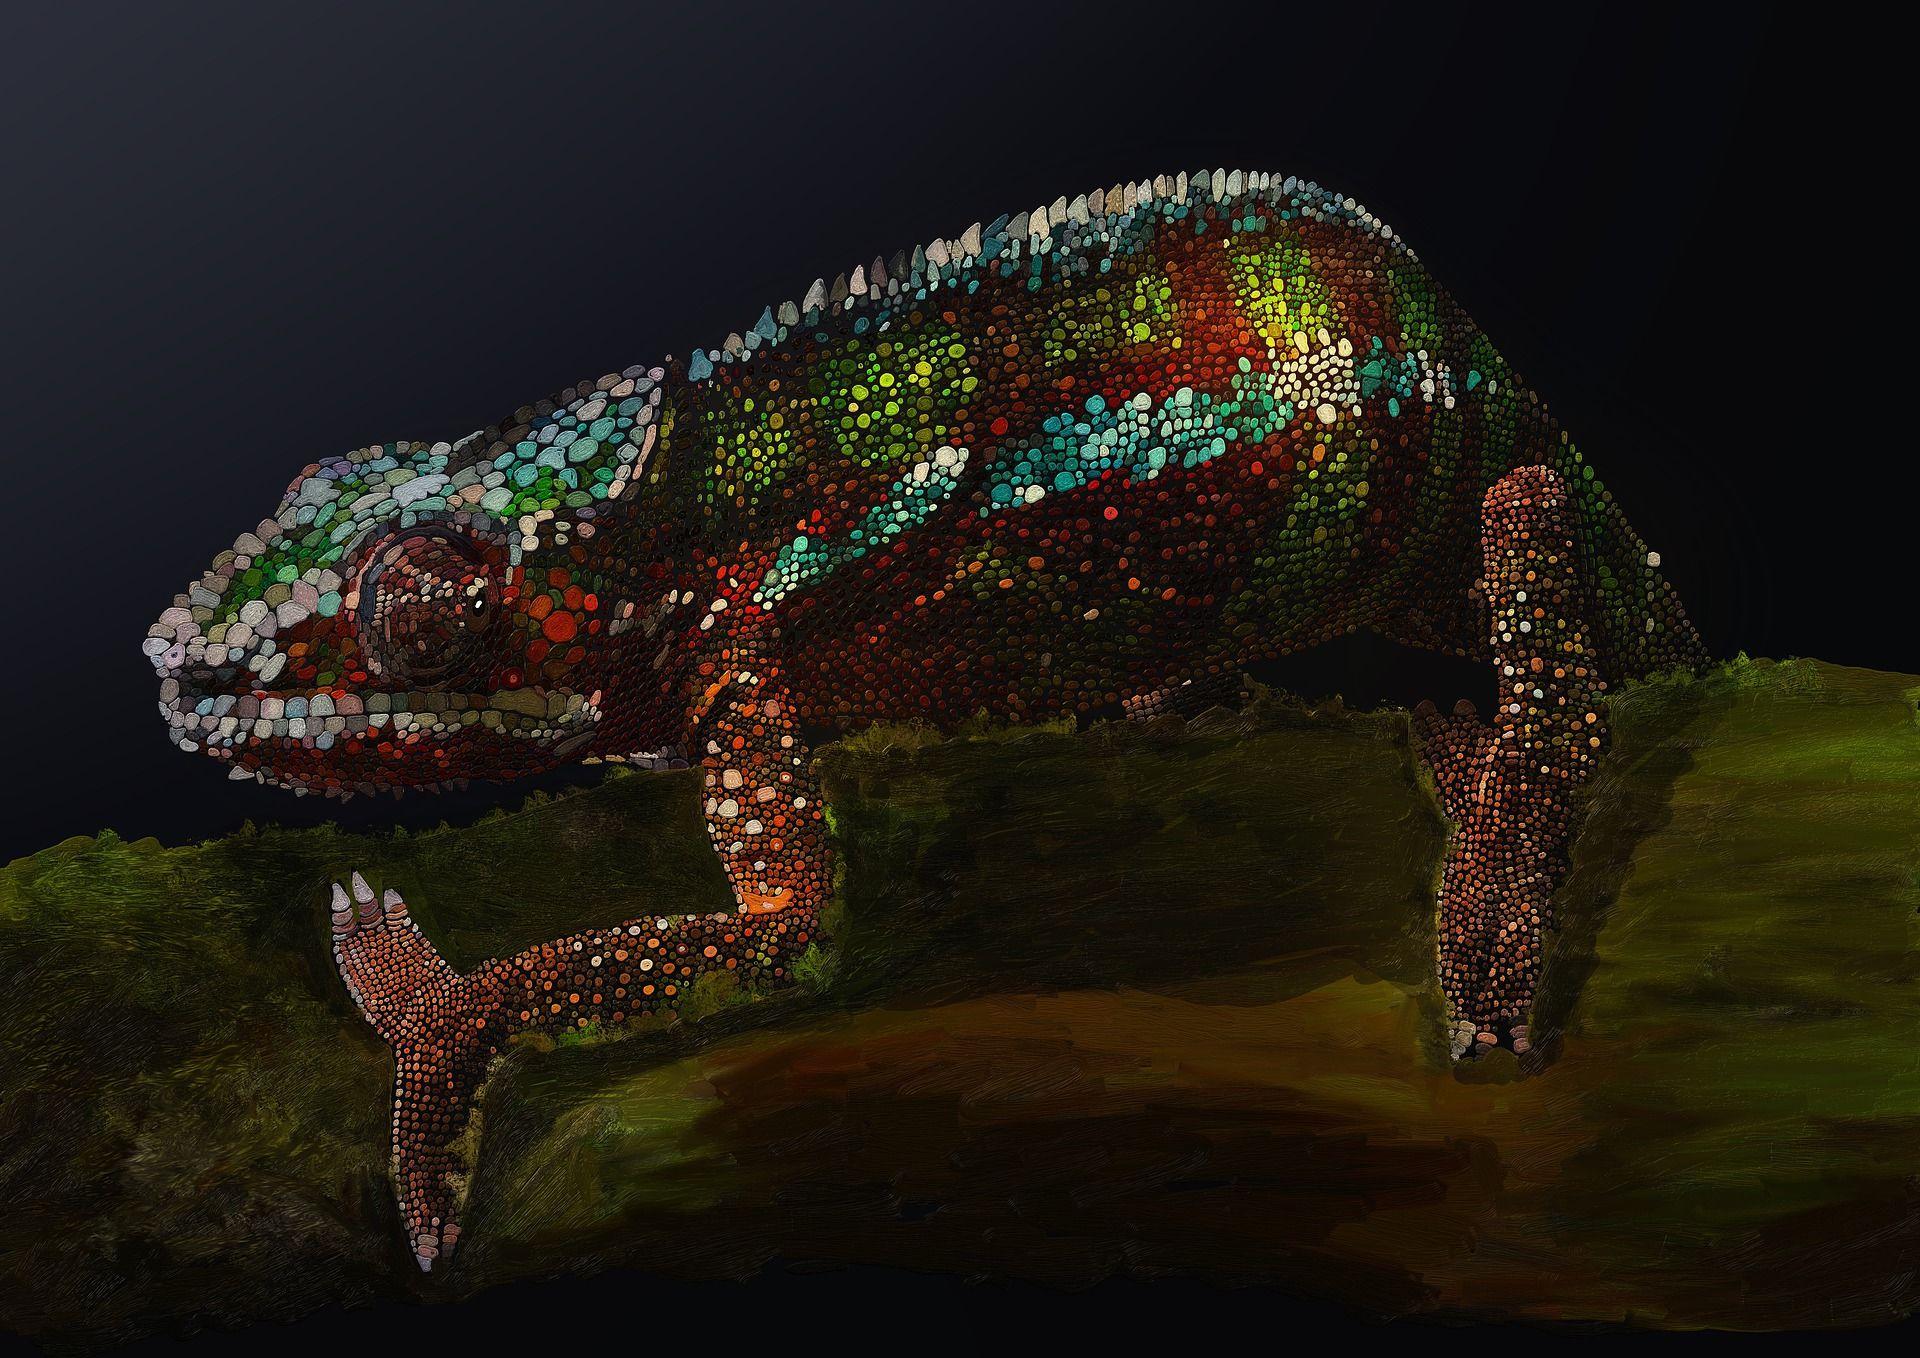 Смотреть интересное фото необычного хамелиона бесплатно